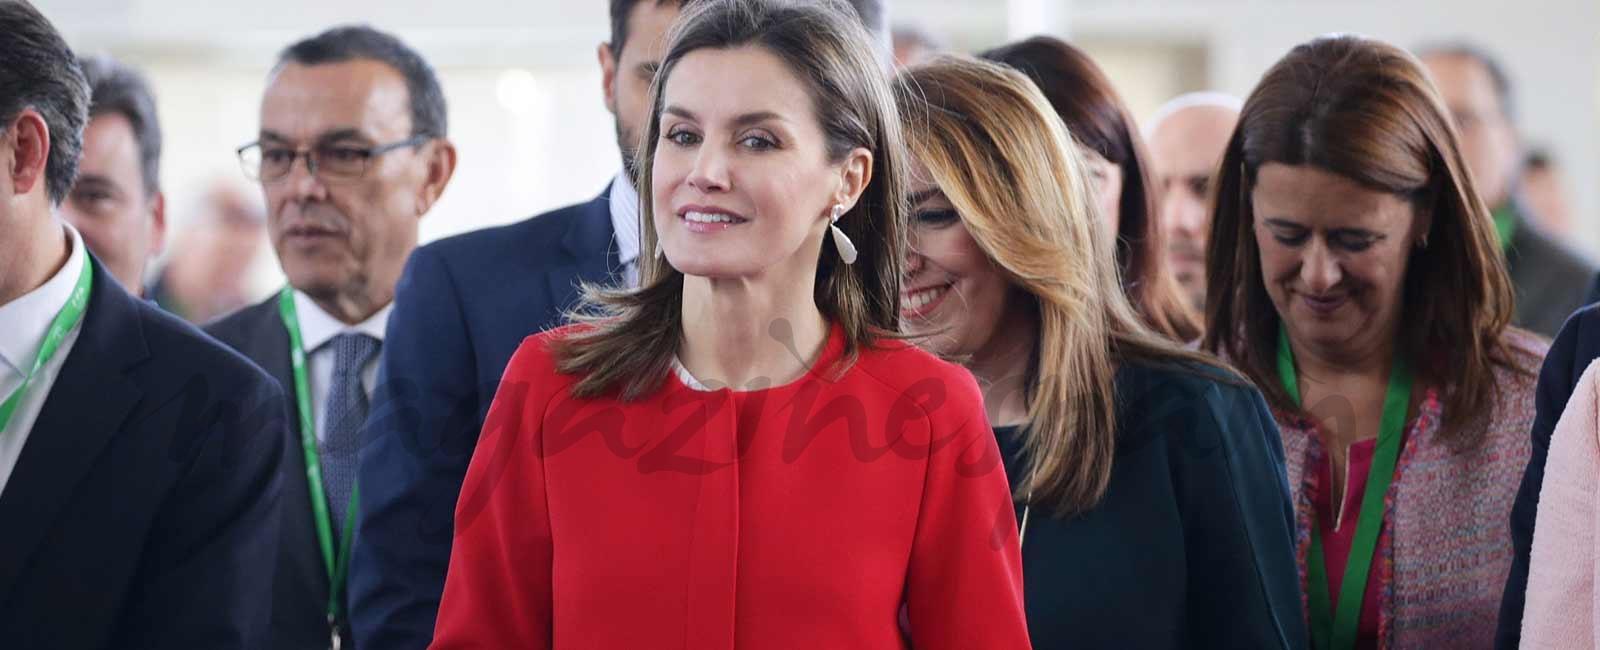 La reina Letizia visita la Universidad de Huelva